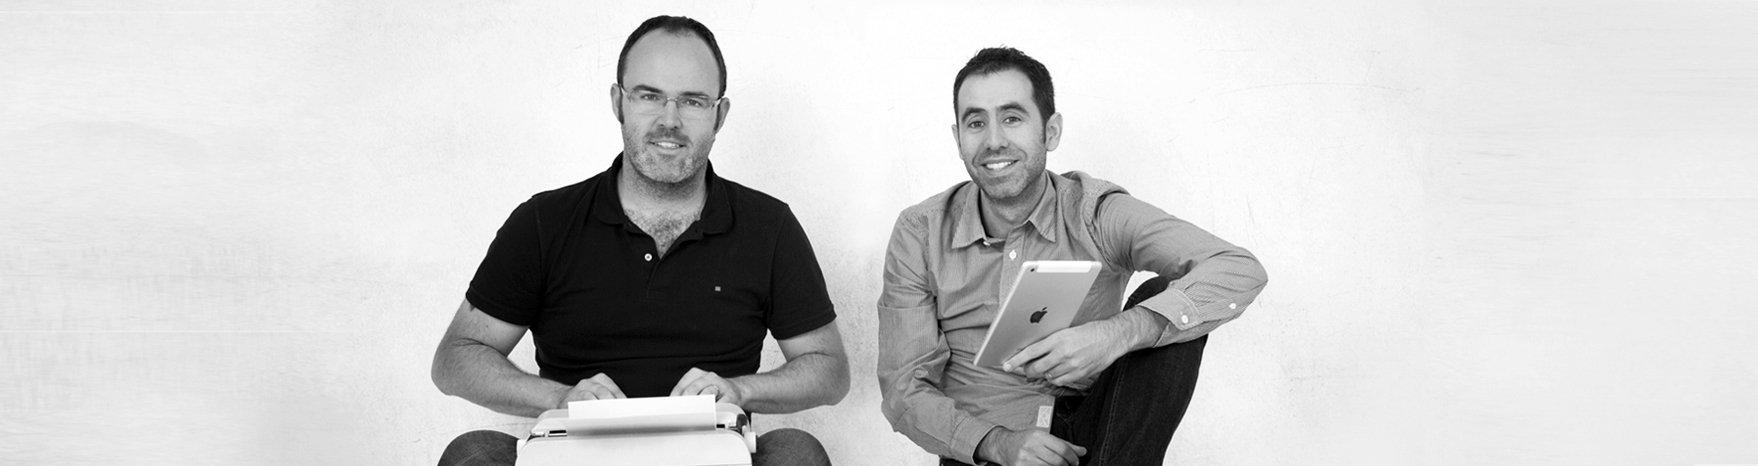 Fotografía blanco y negro de Leandro y David